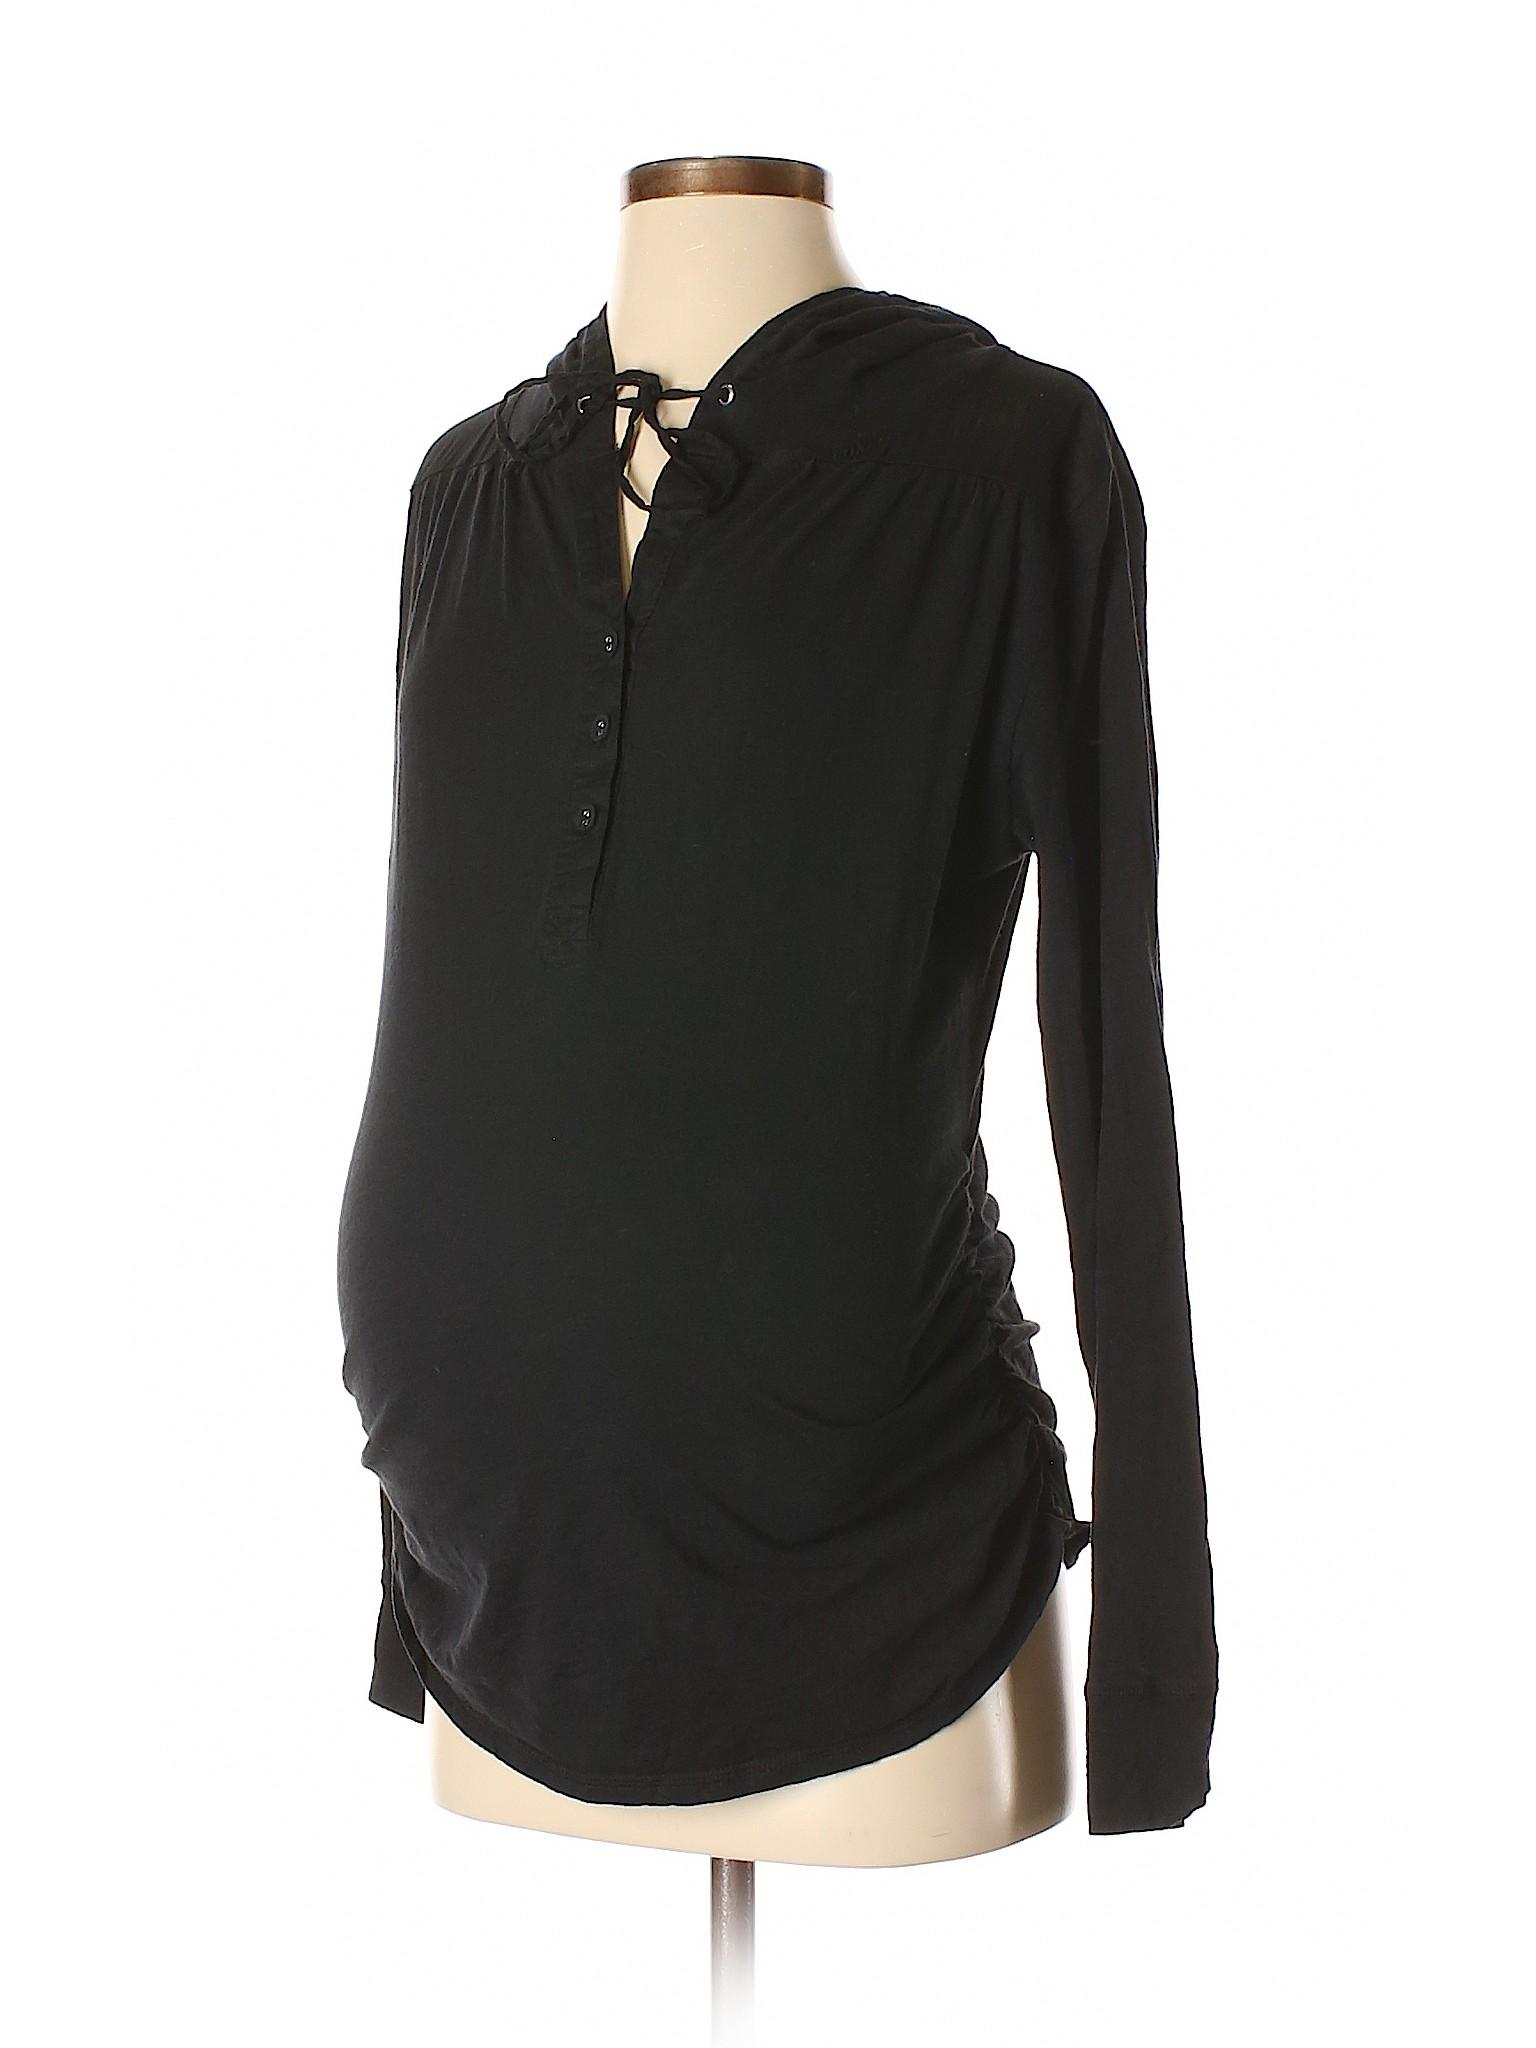 d6f3fc0ab9d68 Liz Lange Maternity for Target 100% Cotton Solid Black Long Sleeve ...